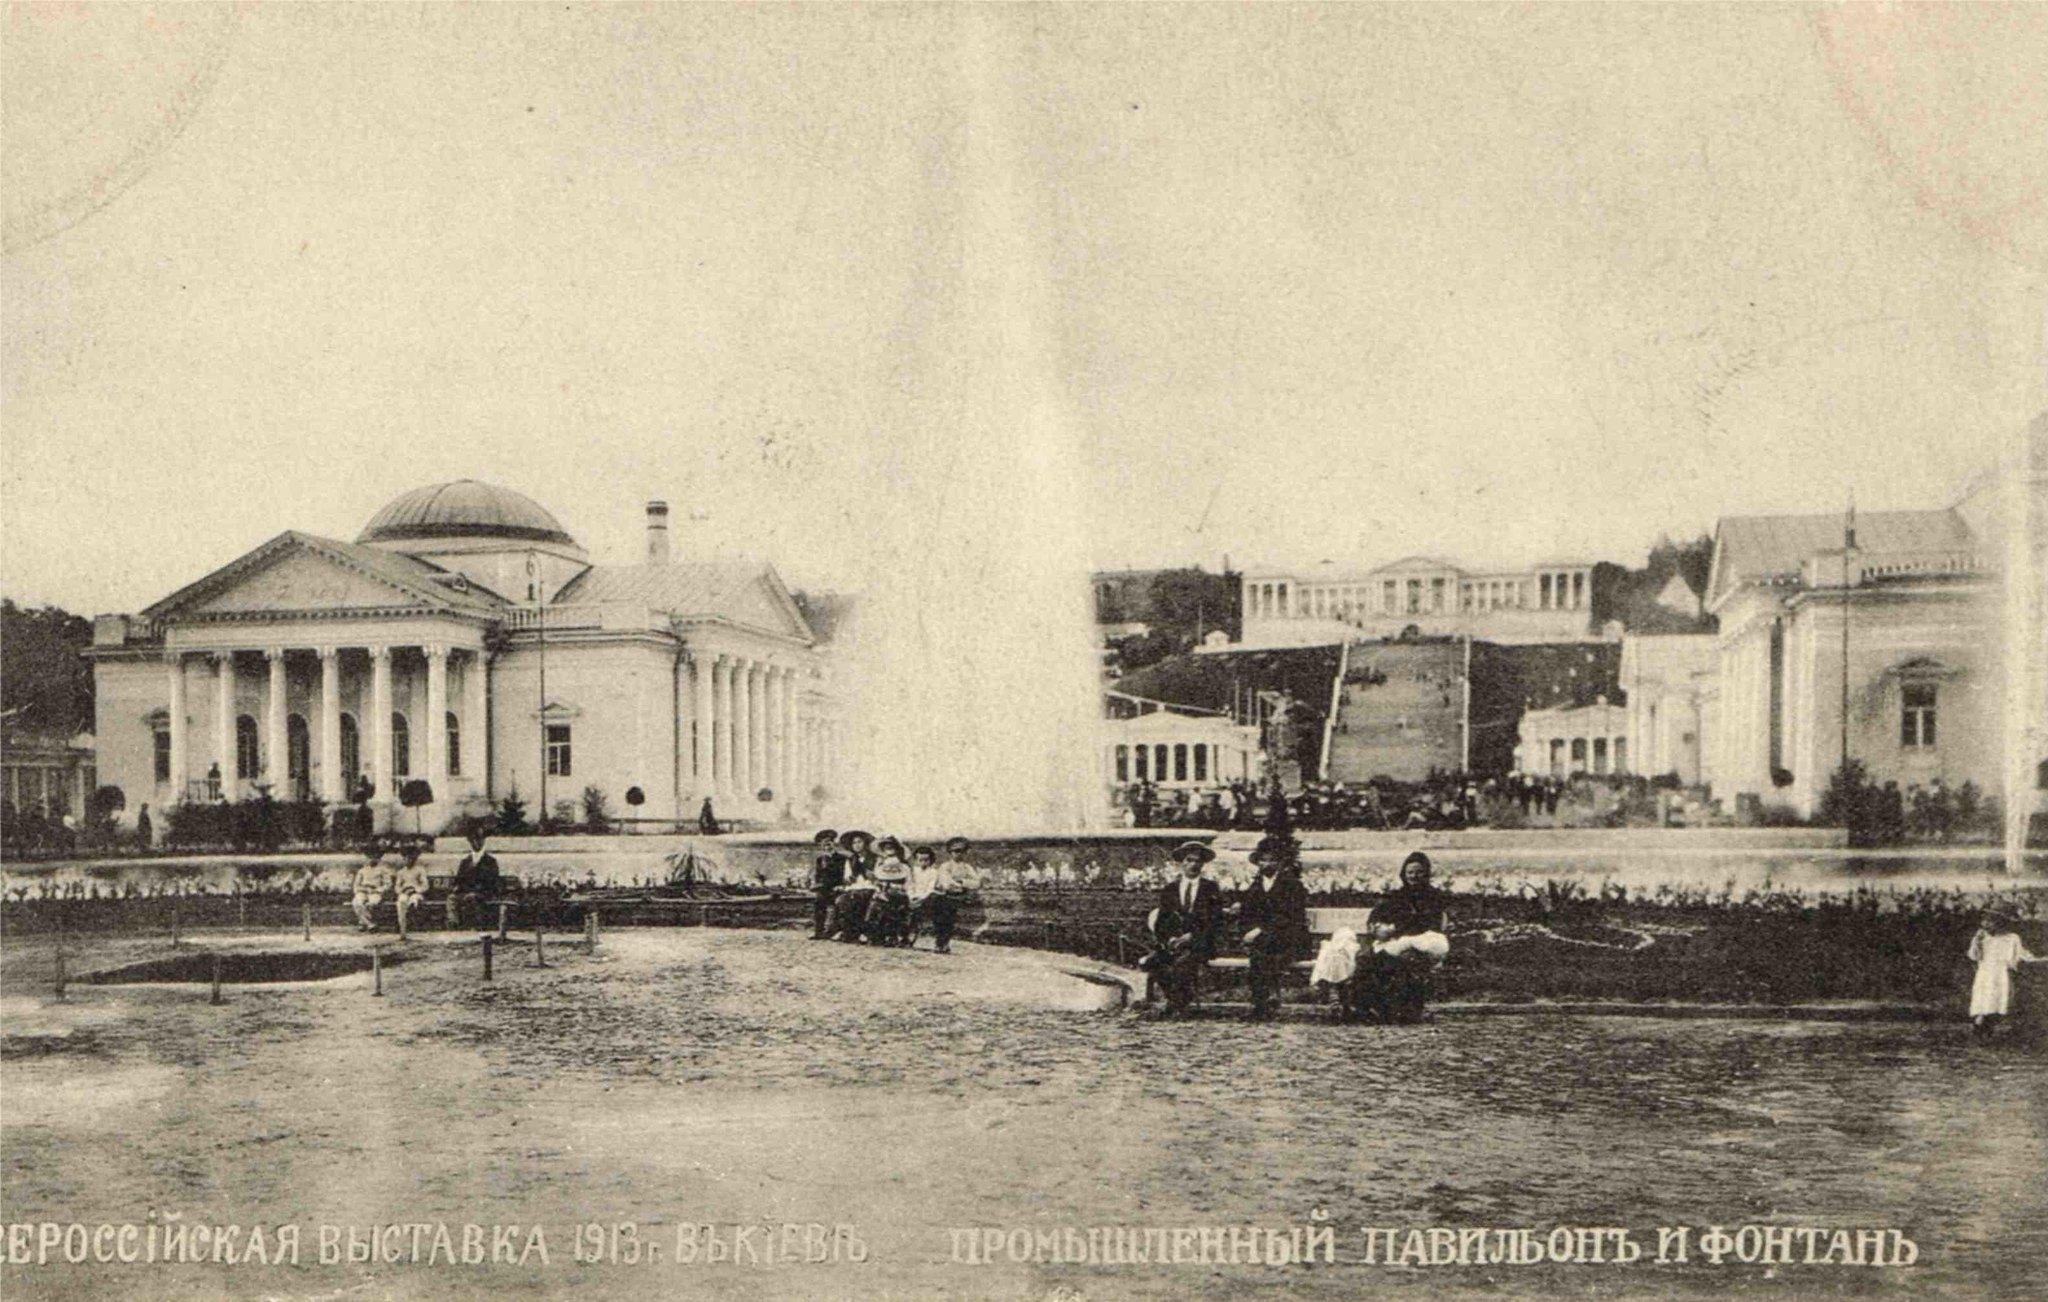 Промышленный павильон и фонтан